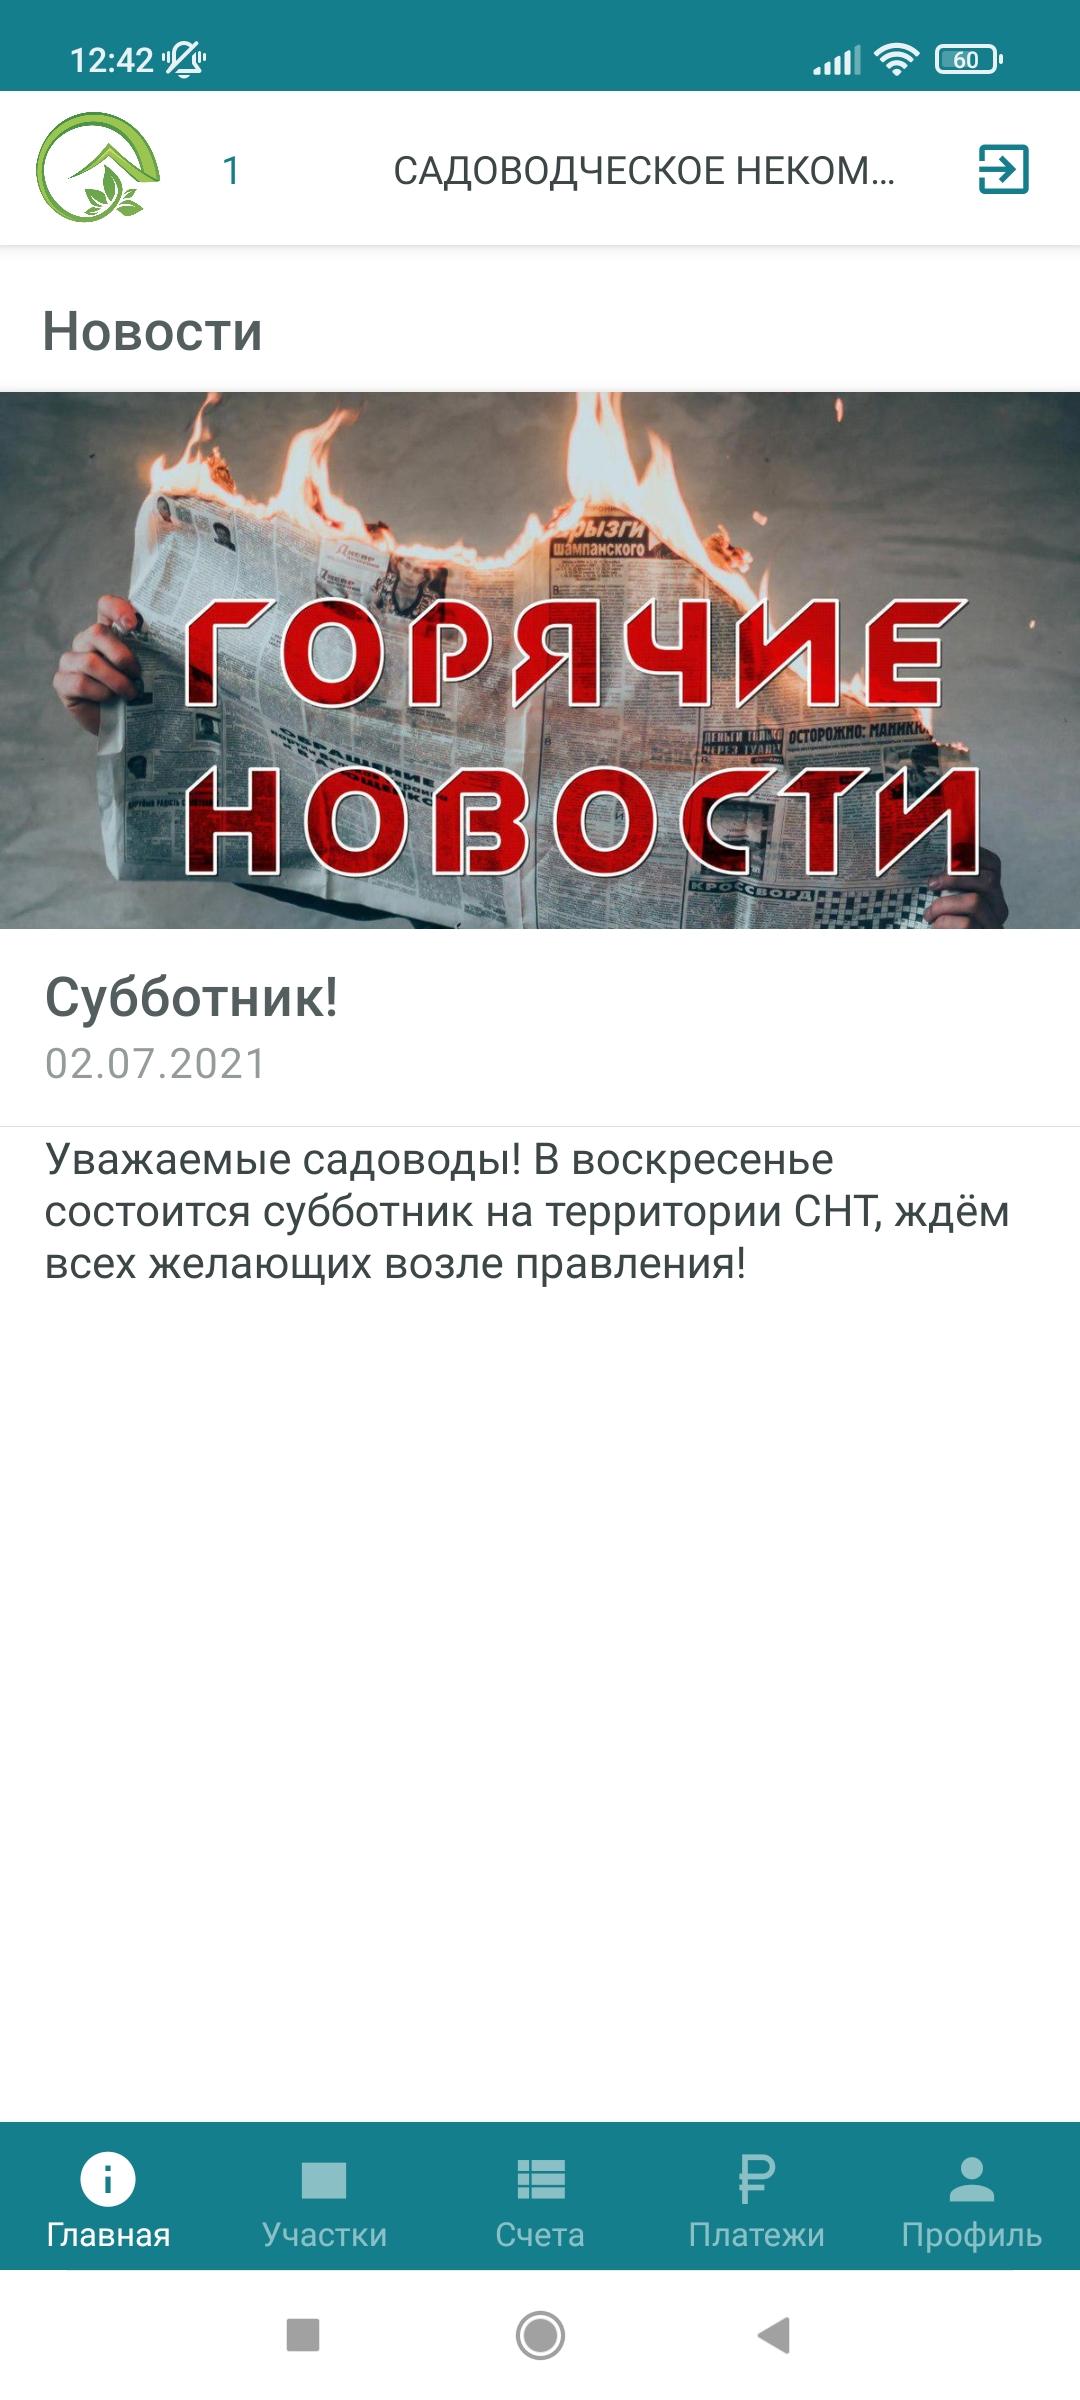 Новости СНТ в мобильном приложении